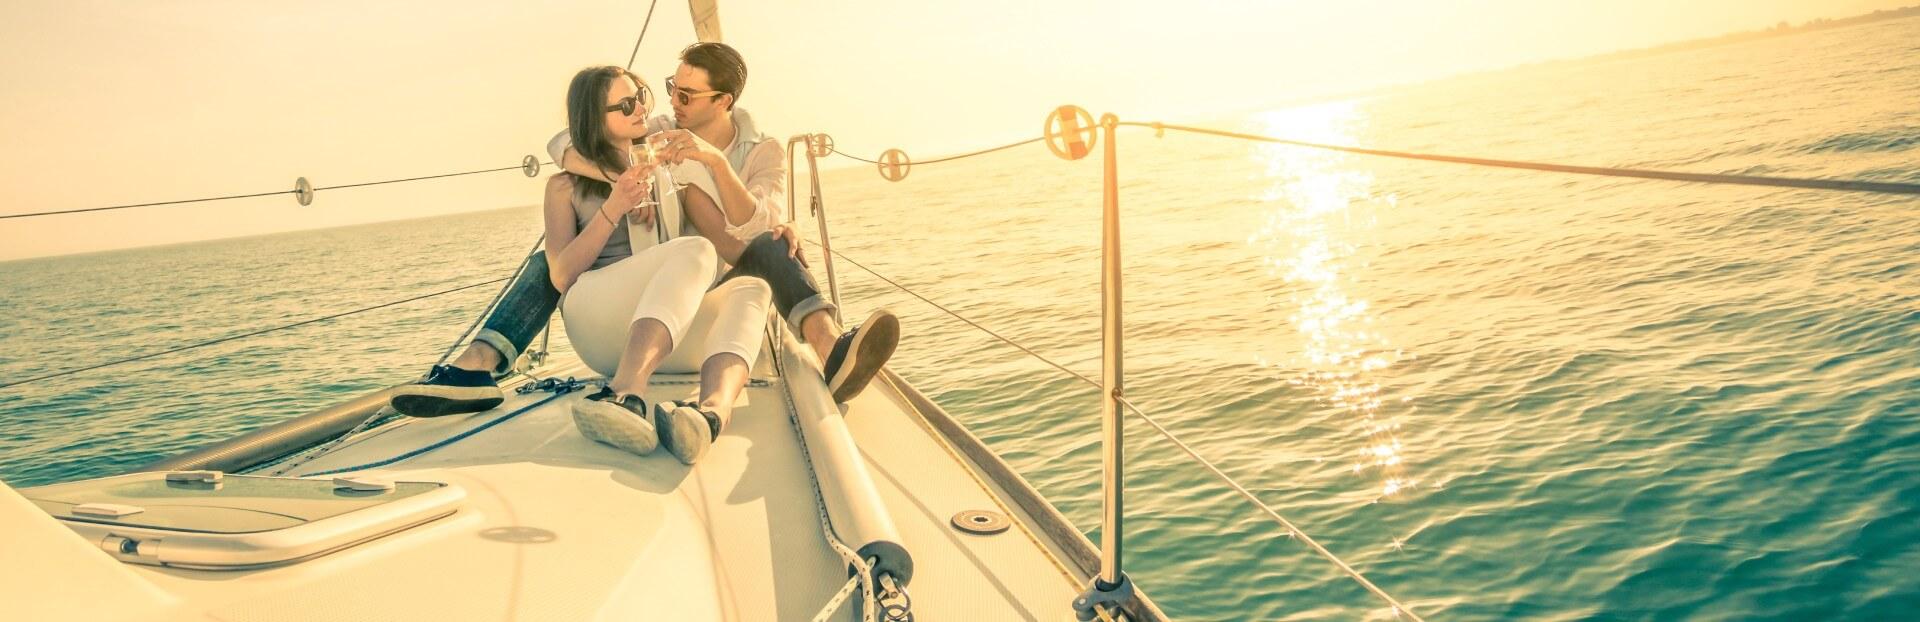 הפלגה זוגית ורומנטית בשקיעה